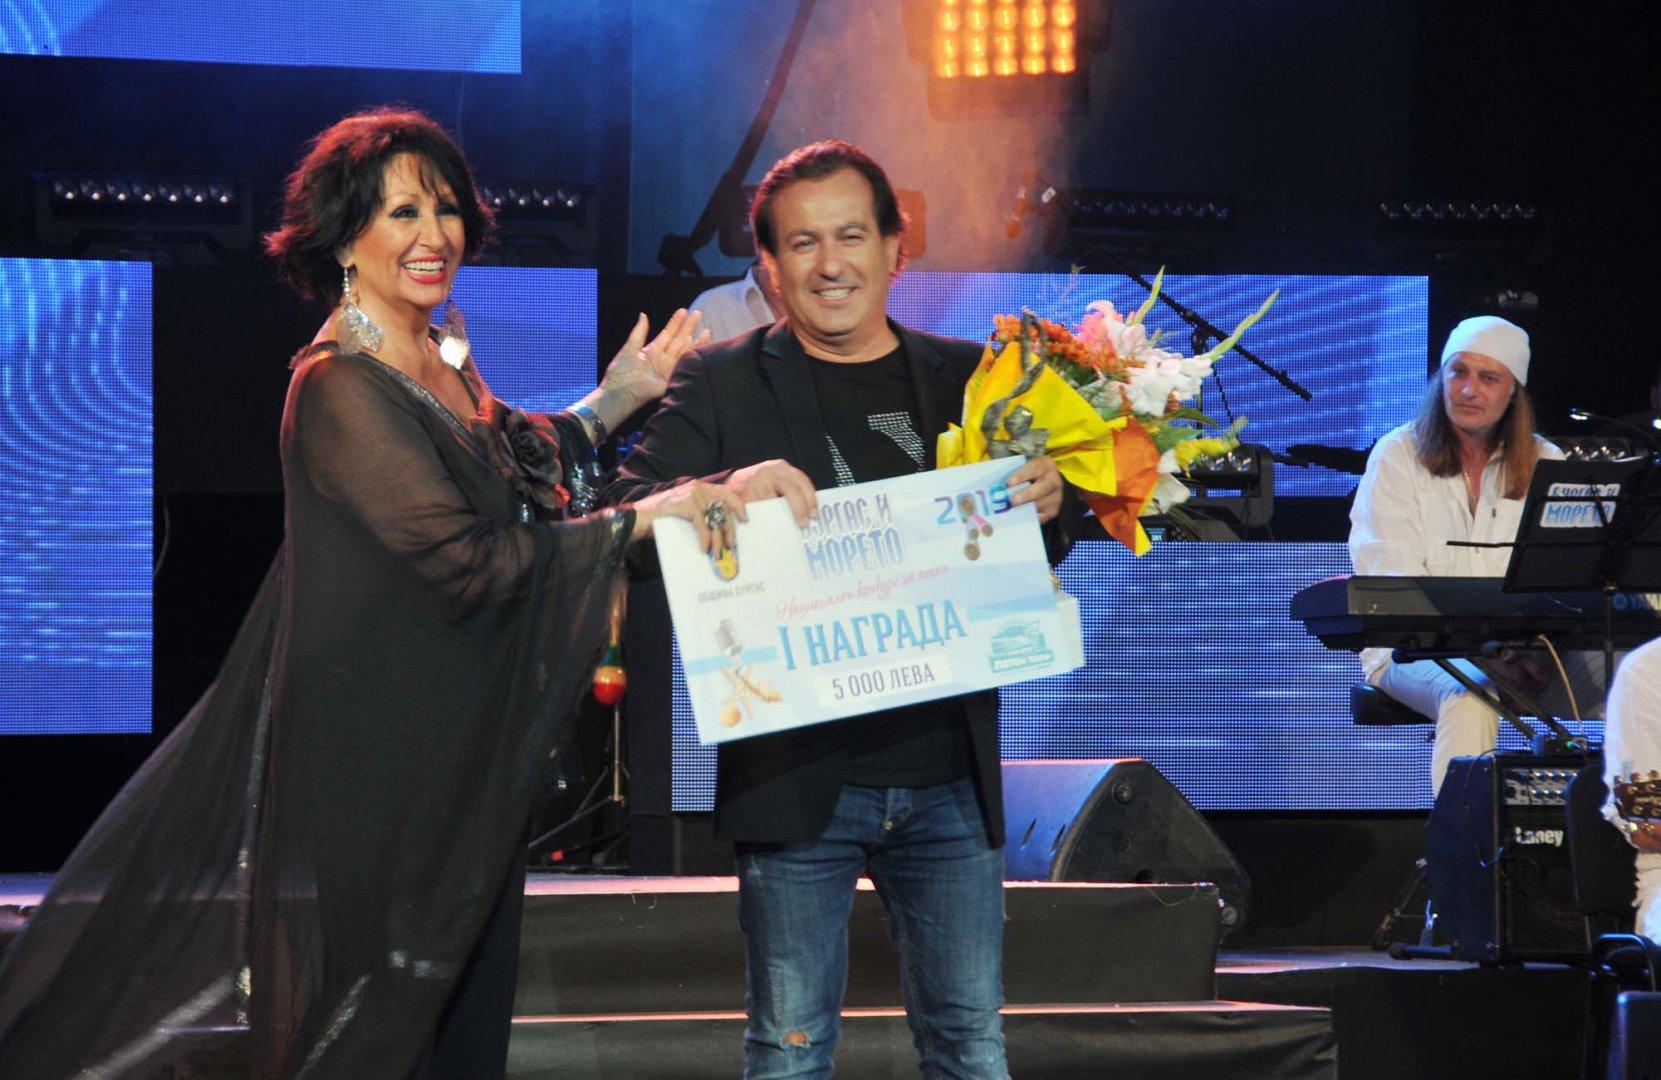 Йорданка Христова връчи първата награда на колегата си Дани Милев. Снимки Лина Главинова